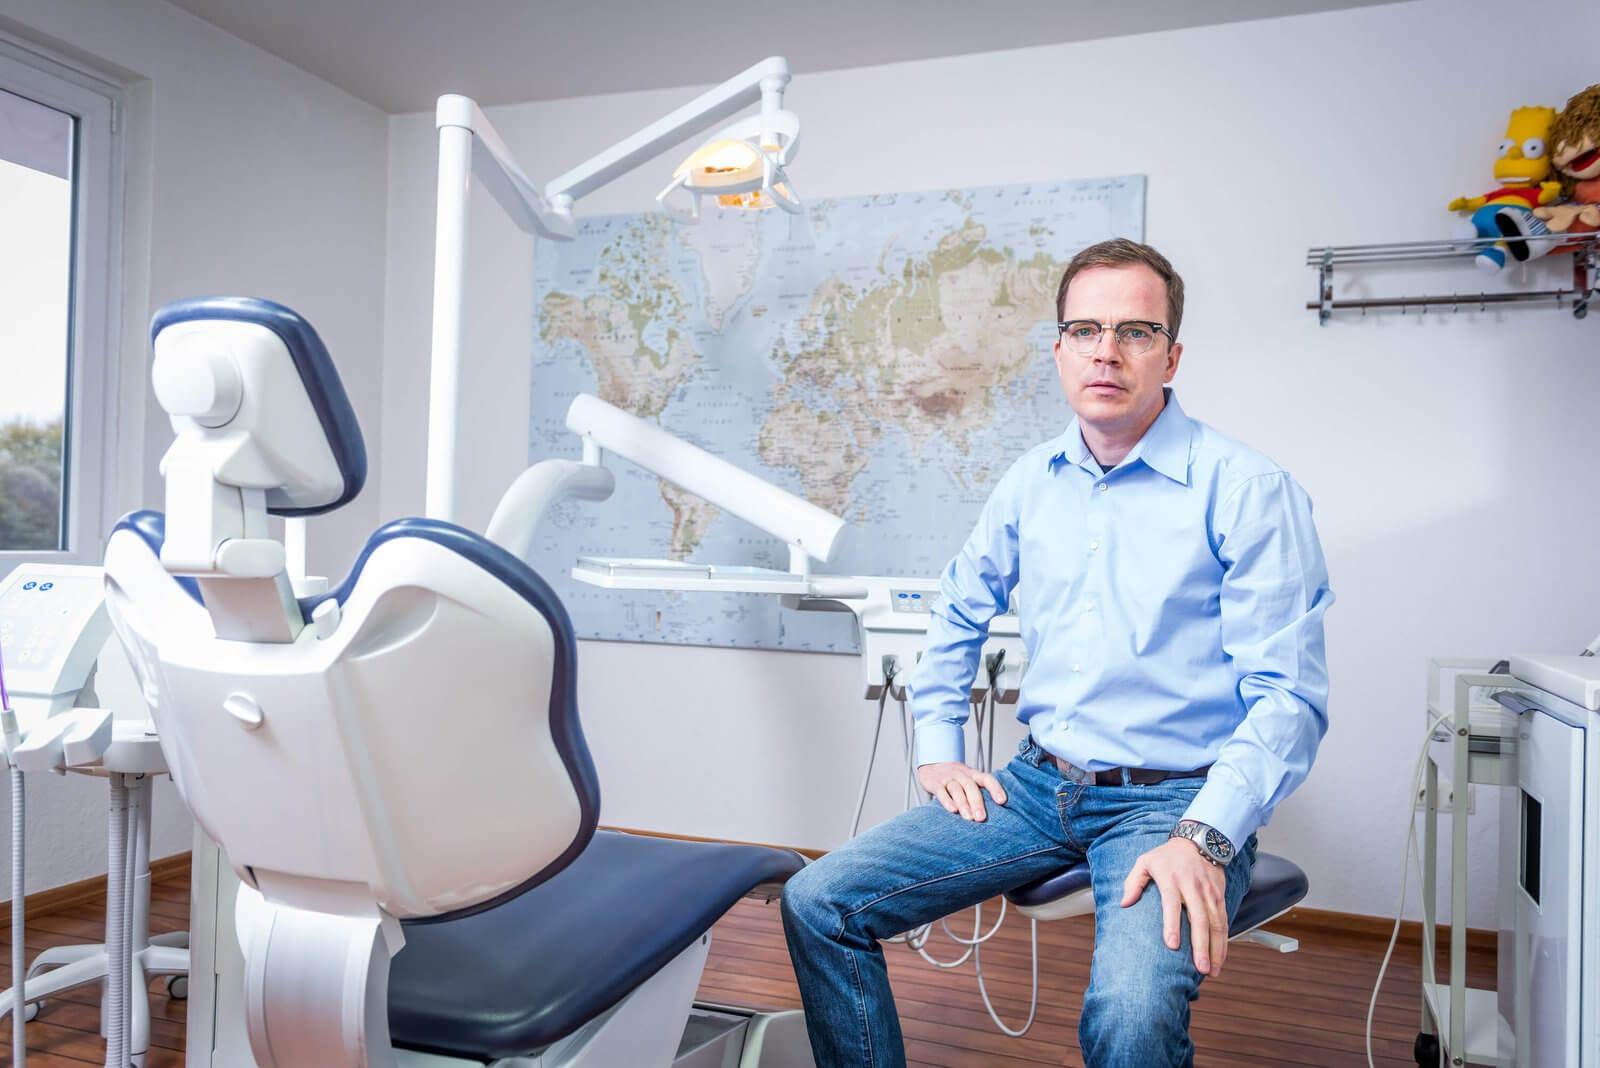 businessfotograf hamburg imagefotografie unternehmen zahnarzt praxis volker storcks medizin gesundheit arztpraxis